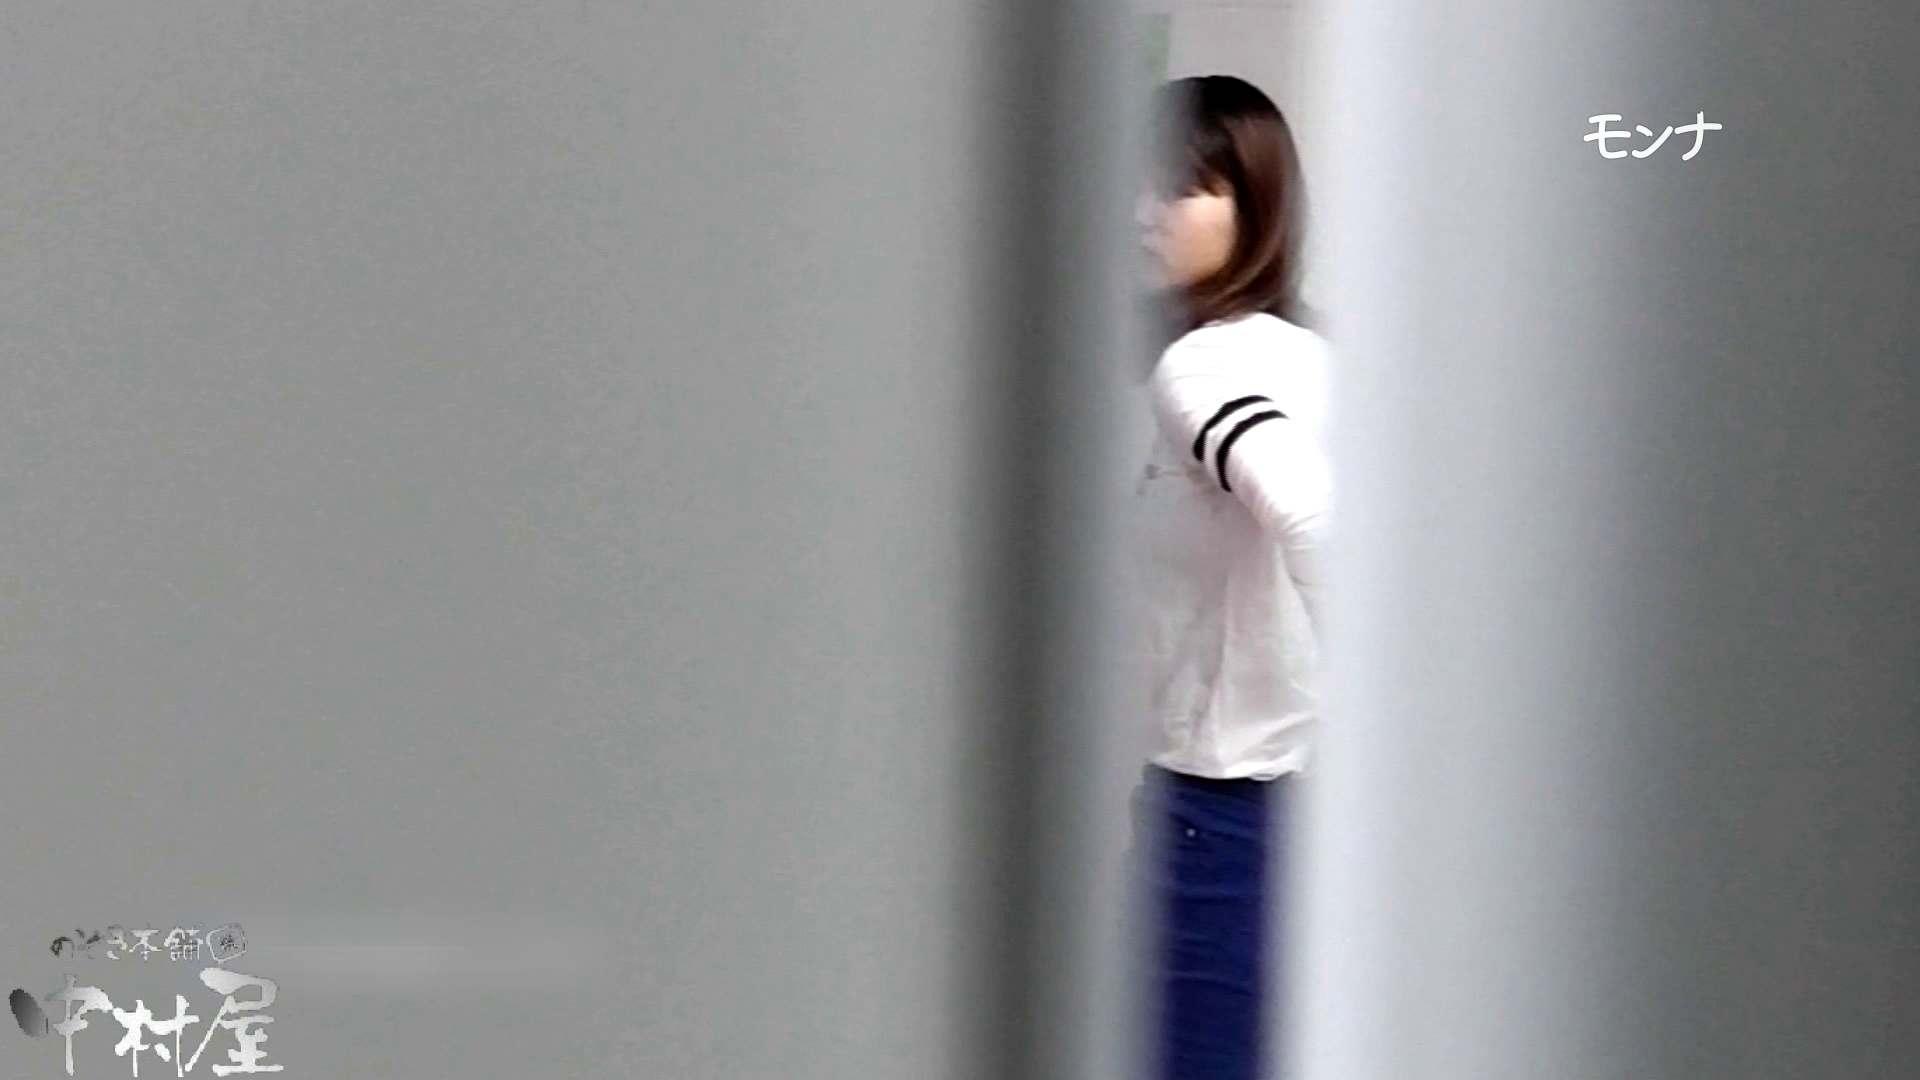 【美しい日本の未来 No.109】前編 覗き放題 覗き性交動画流出 92画像 59